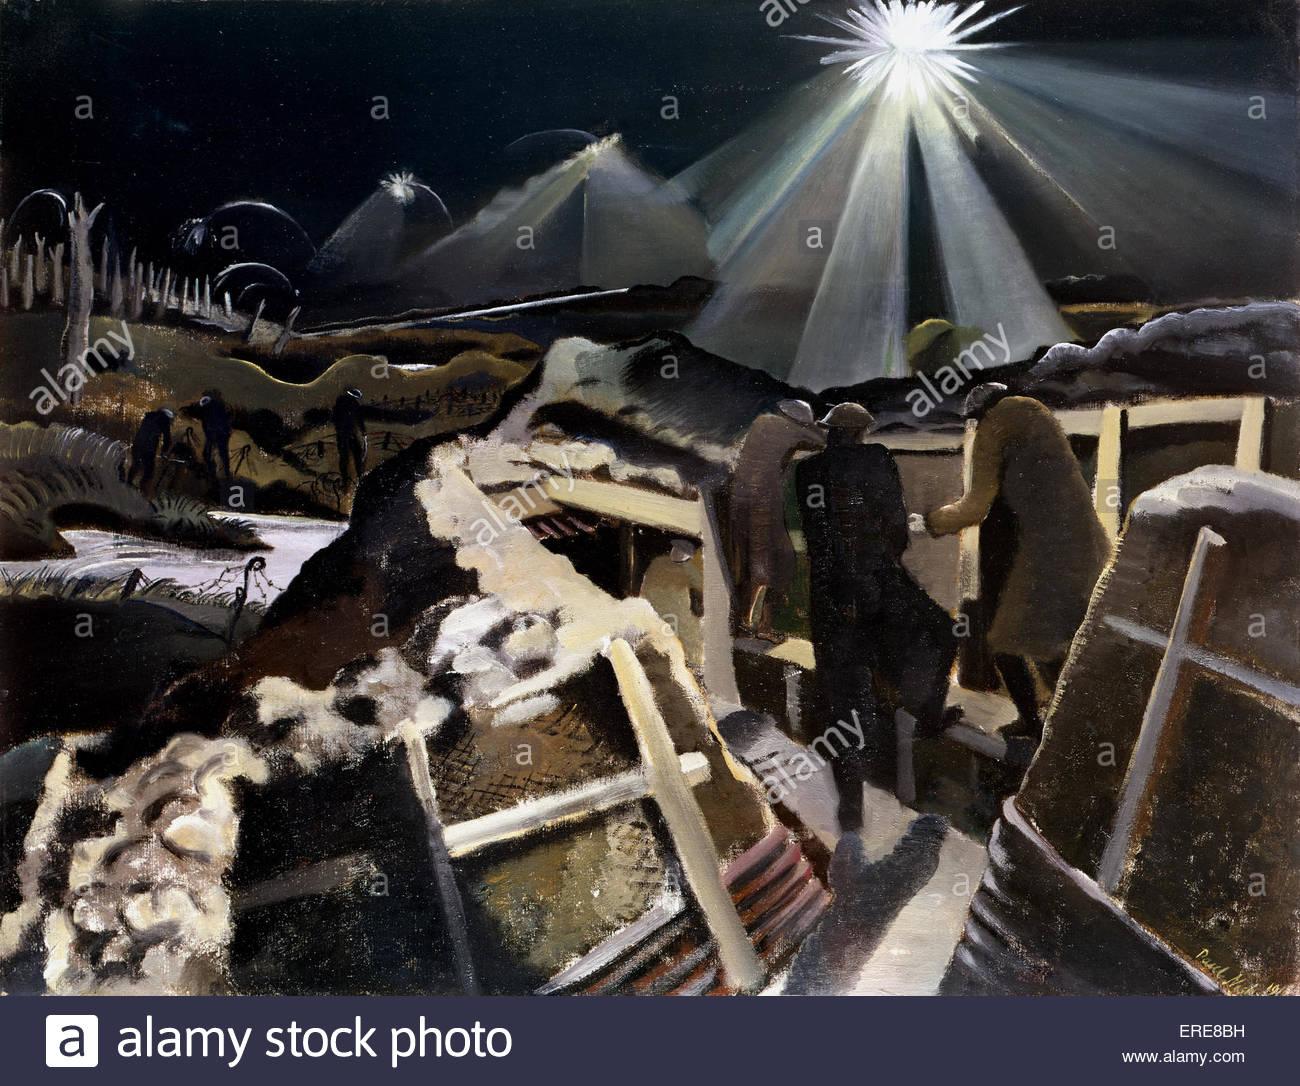 Ypres salienti e di notte, dipinto da Paul Nash (1889-1946) da WW1 series. La cortesia Imperieal museo della guerra. Immagini Stock